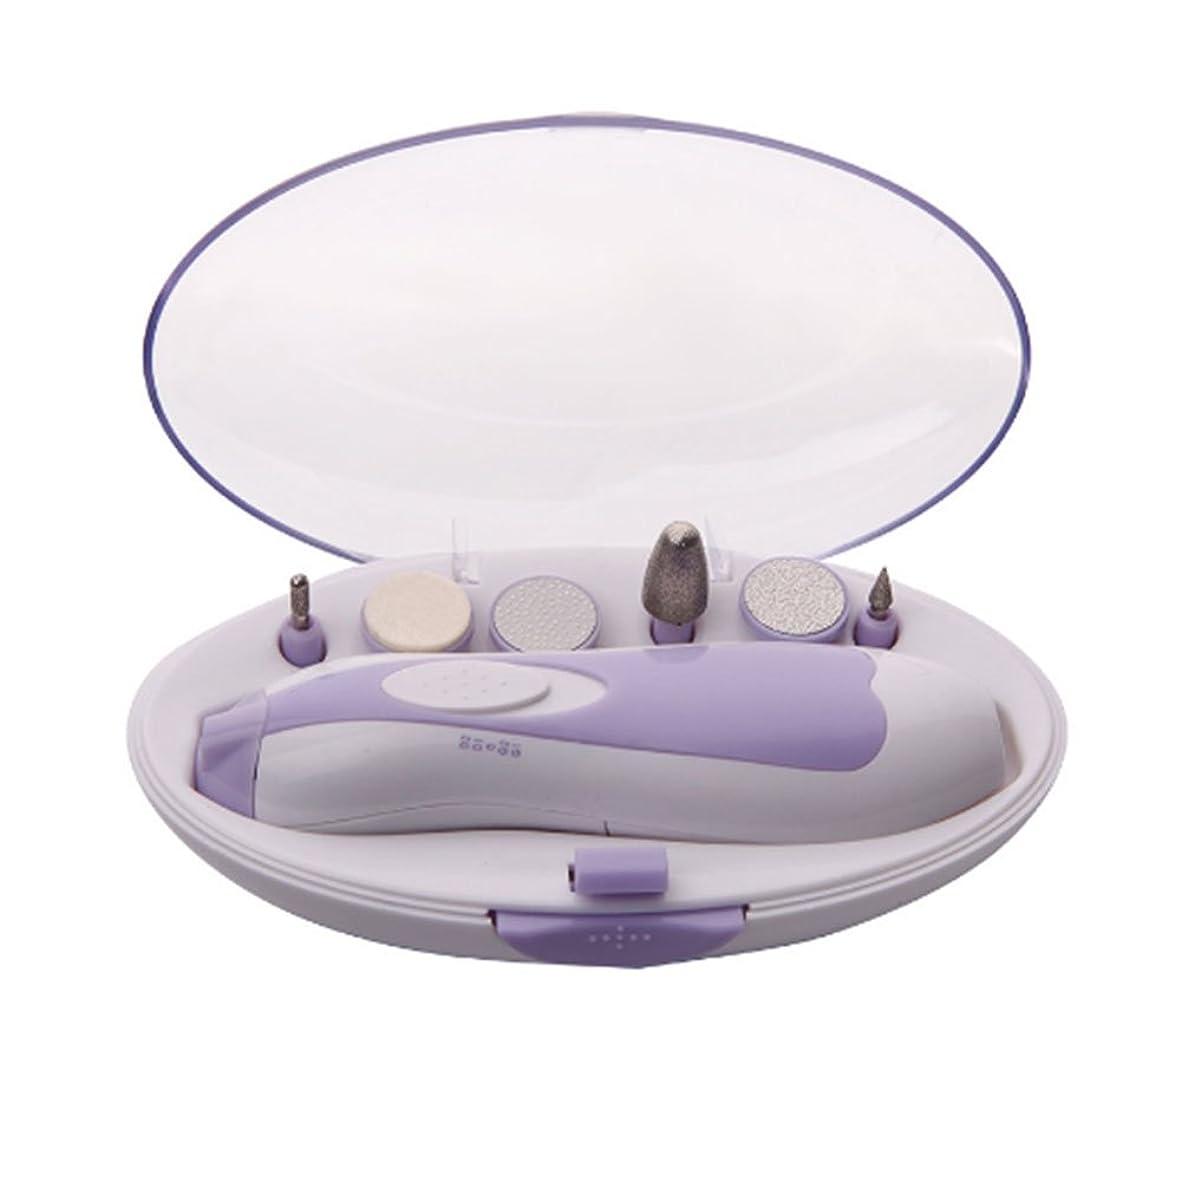 罹患率割れ目役に立たないSmilemall 電動ネイルケア ネイルケアセット LEDライト搭載 アタッチメント6種類付き 角質ケア 爪やすり 爪磨き 甘皮処理 男女兼用